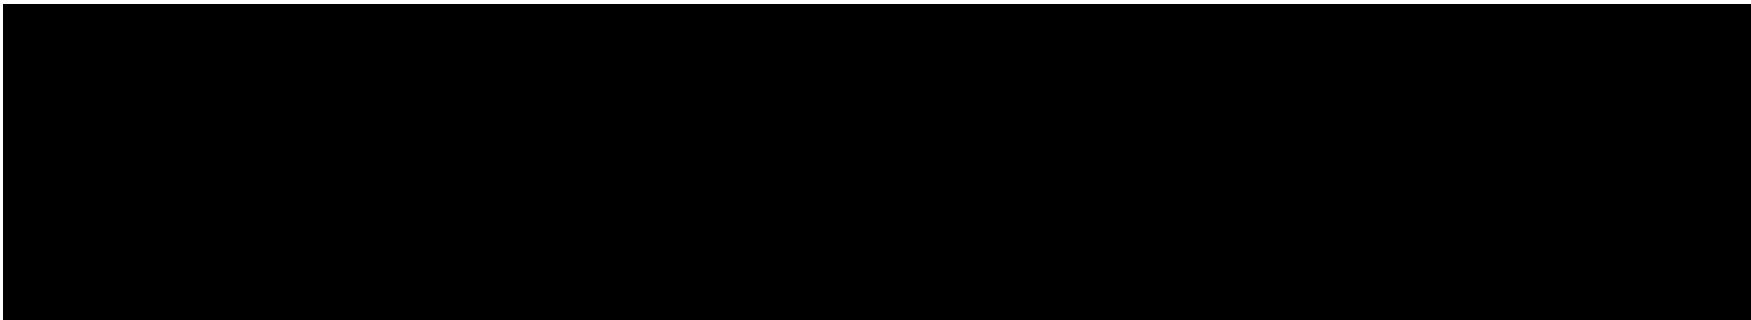 monfaraz, logo, Therapie & Allah's onmetelijke liefde, therapie, kracht, van angst naar vertrouwen, innerlijke kracht